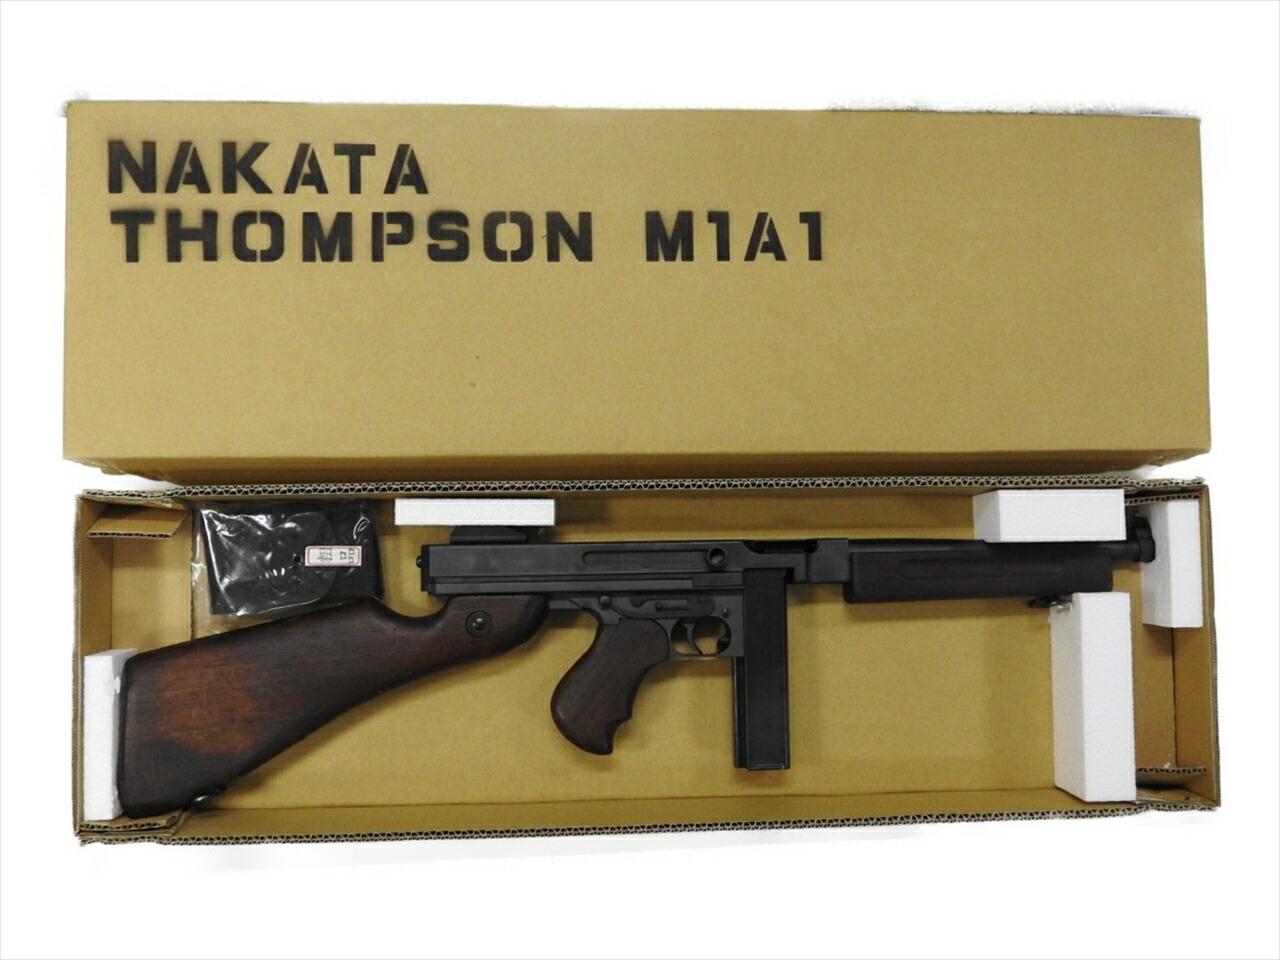 中古品 中田商店 トンプソン 無可動実銃 払下げ品 木製ストック フォアグリップ 銃